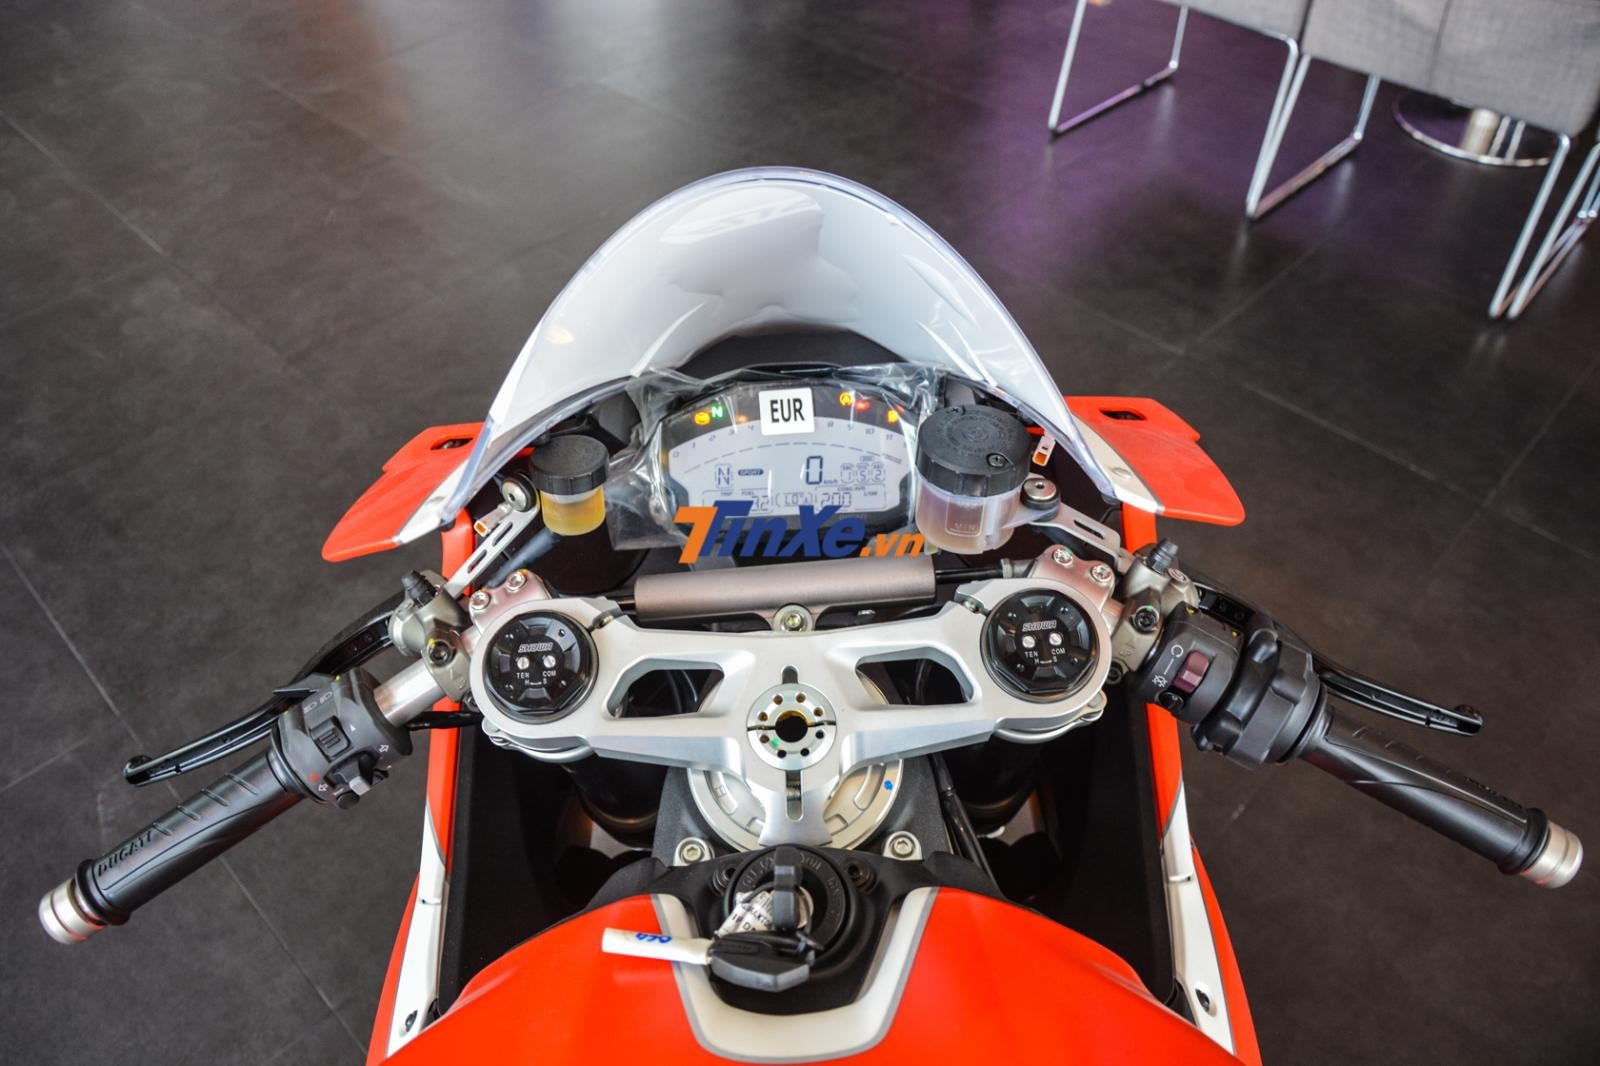 Phiên bản đặc biệt của Ducati 959 Panigale có 3 chế độ lái là Race, Sport và Wet cùng nhiều công nghệ an toàn khác